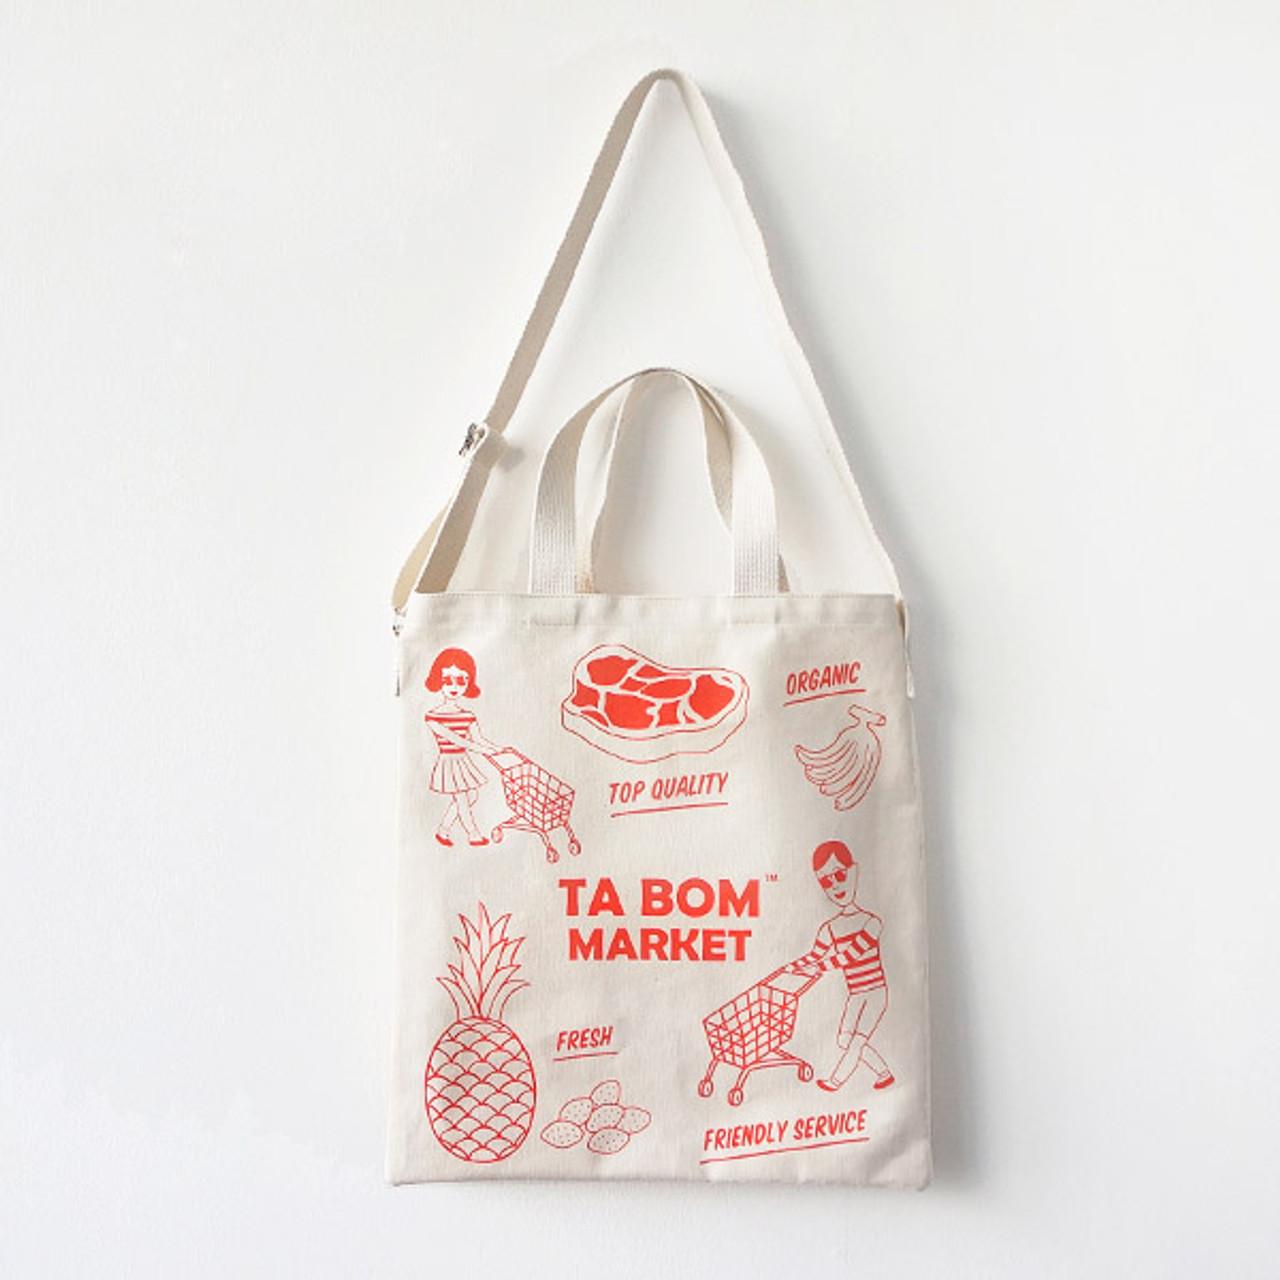 f9bdfc0bd Oohlala Tabom market red tote shoulder bag - fallindesign